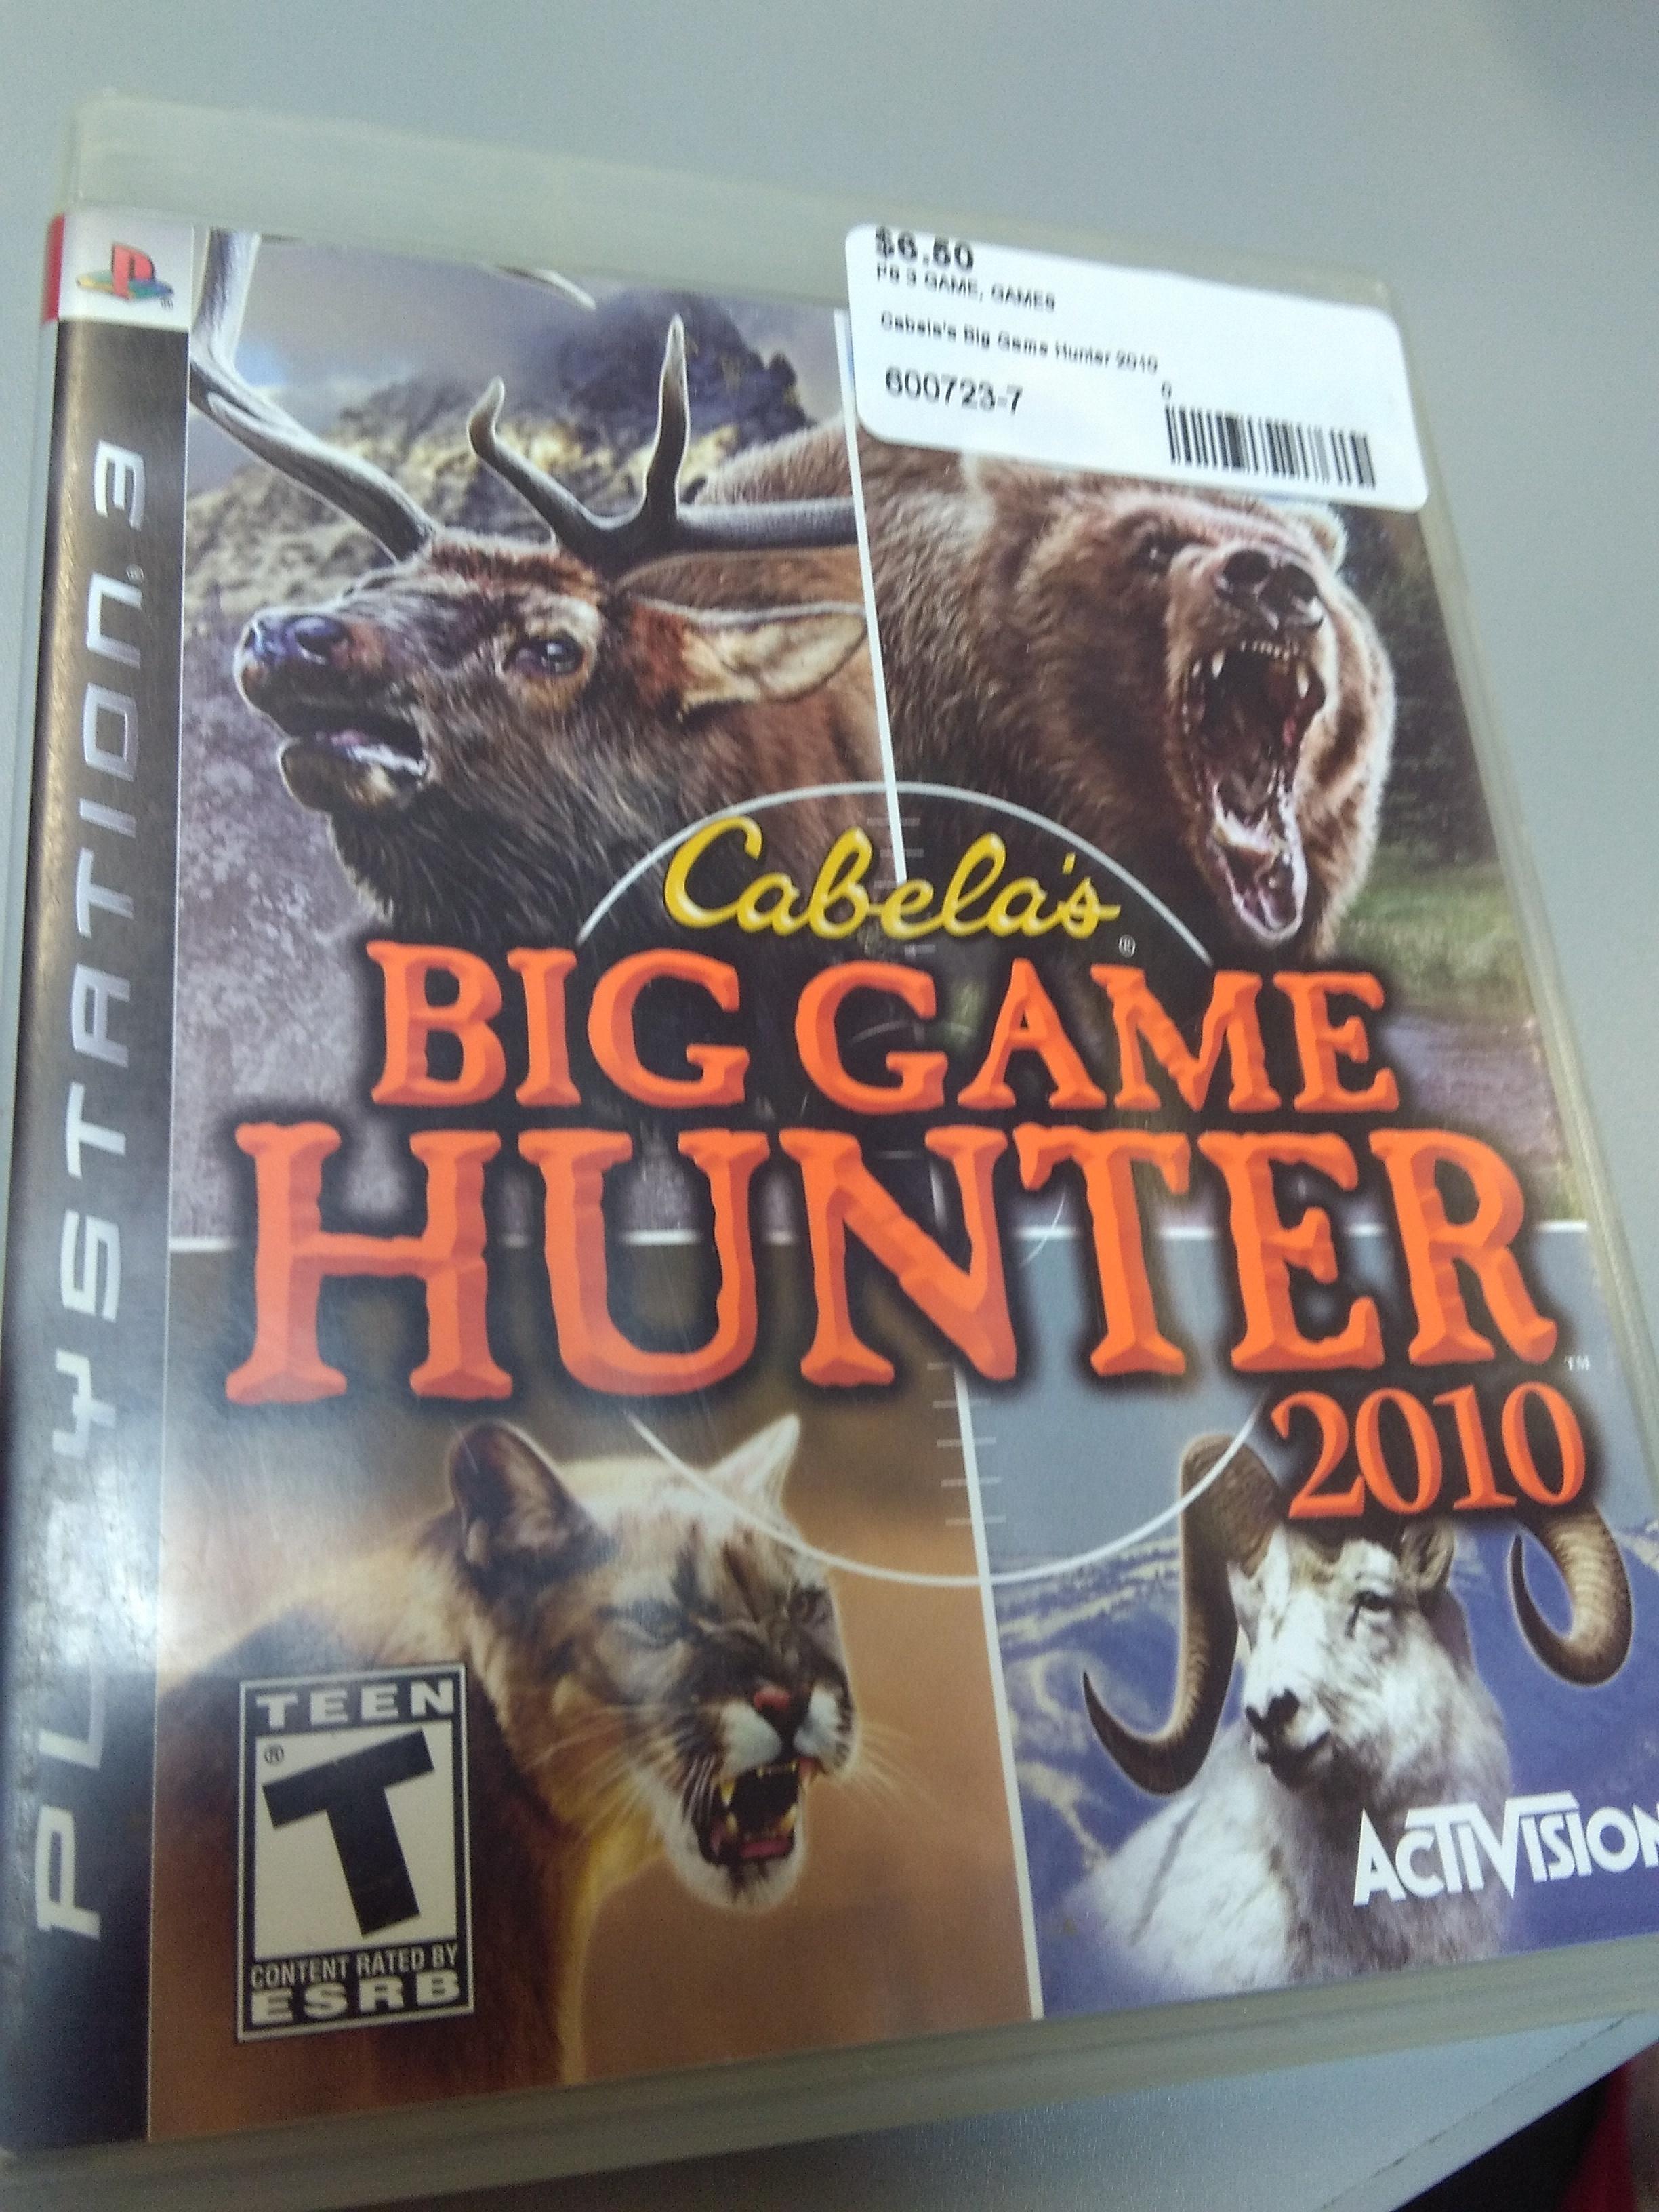 Cabela's big game hunter 2010 for PS3